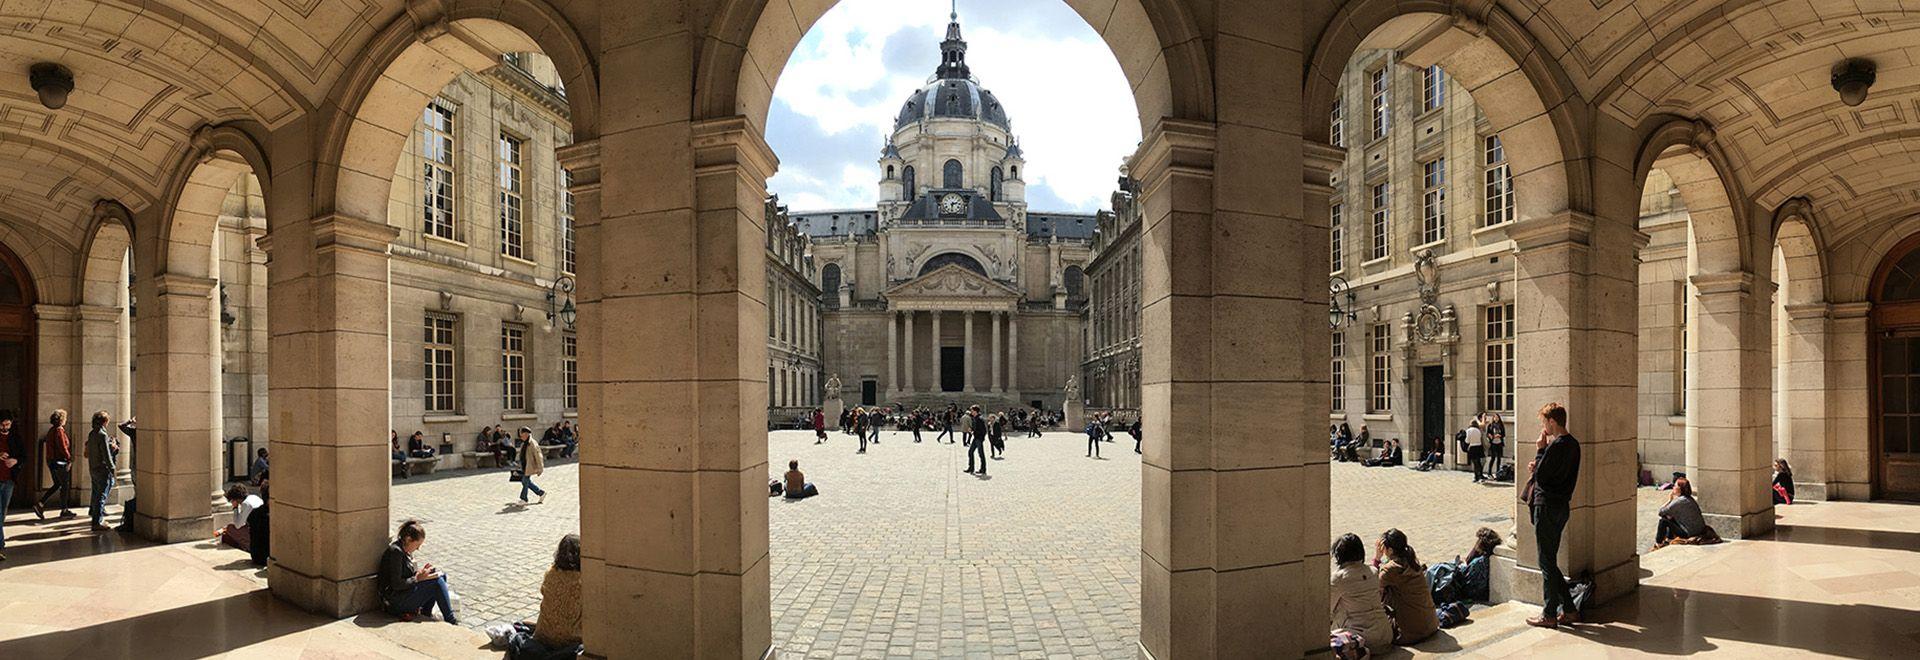 Universit--Sorbonne